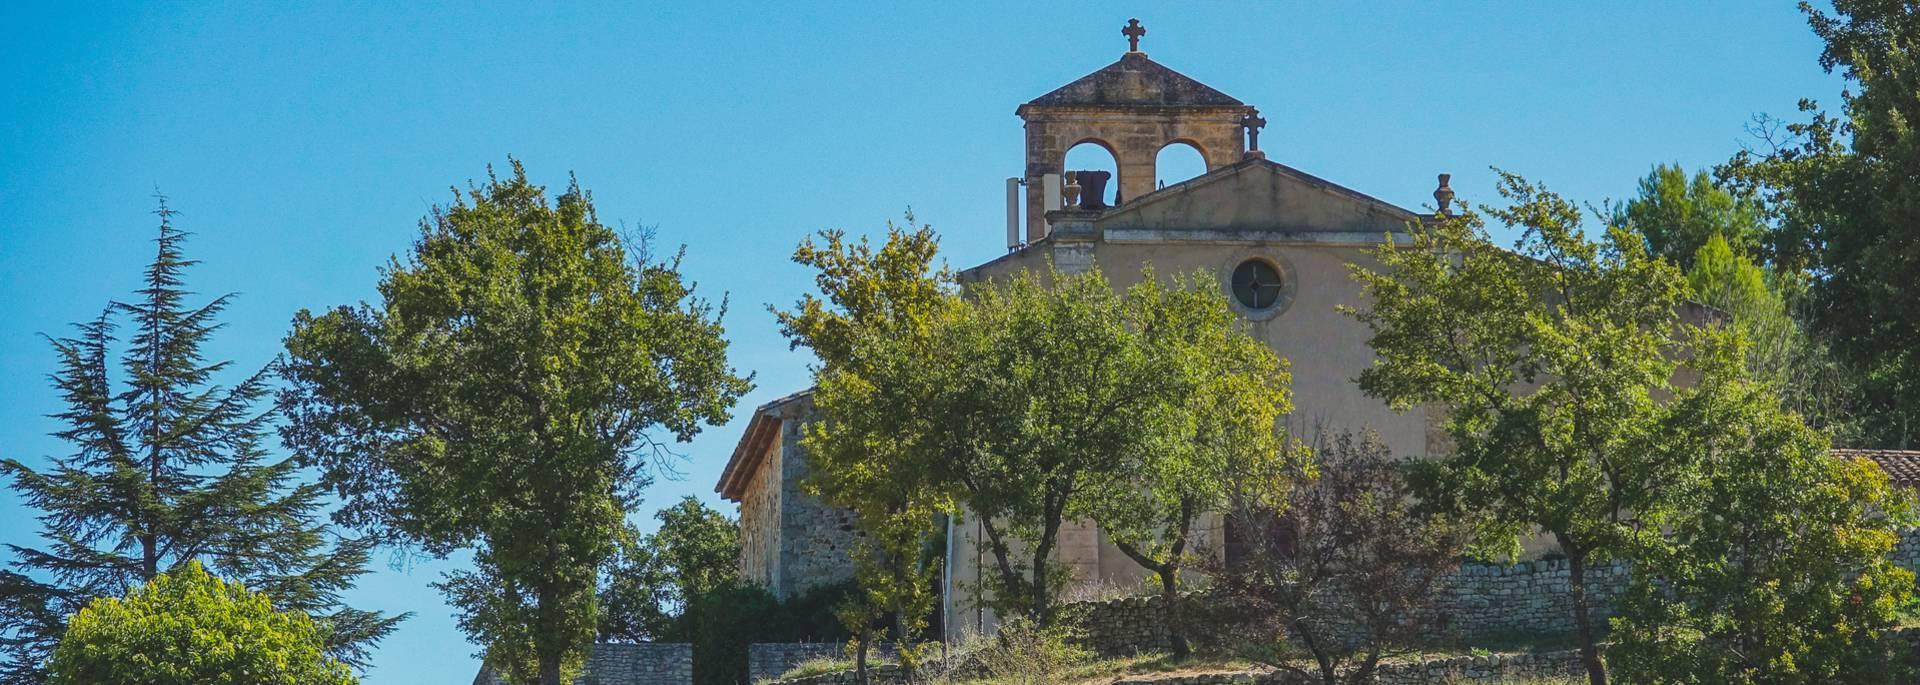 Eglise de Gargas